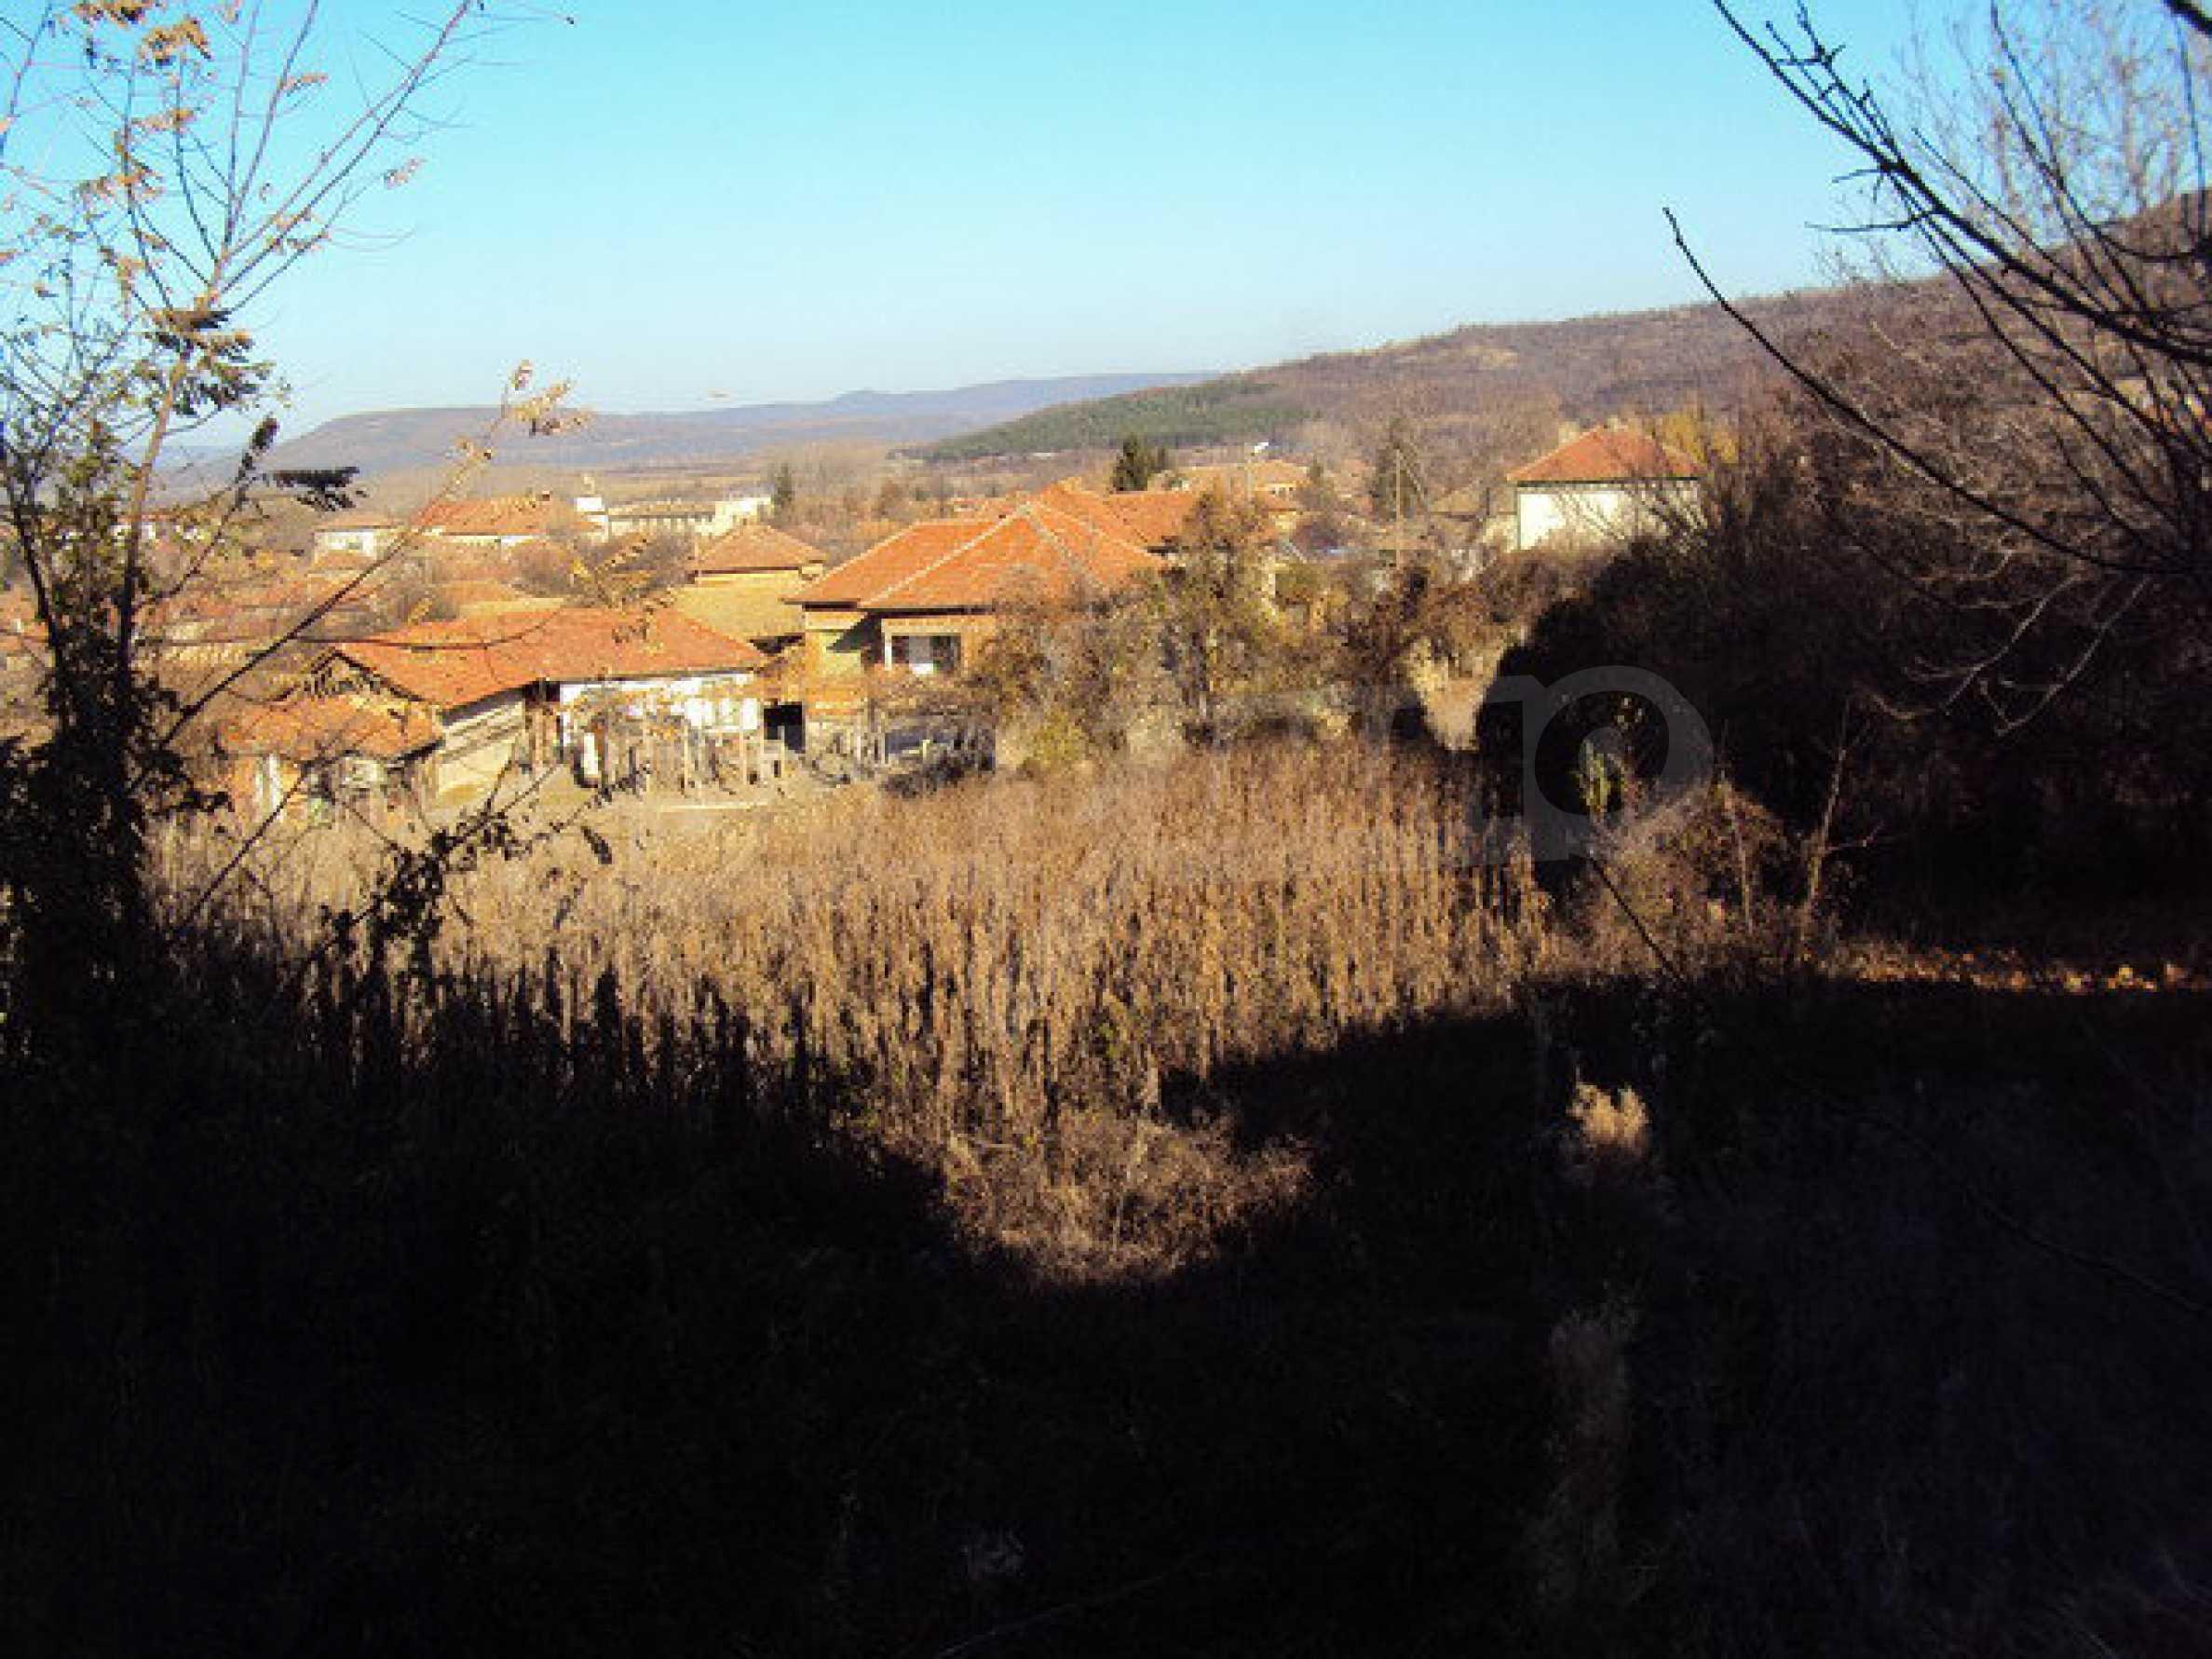 Haus mit einem Hof in der Ortschaft 25 km. von Veliko Tarnovo 29